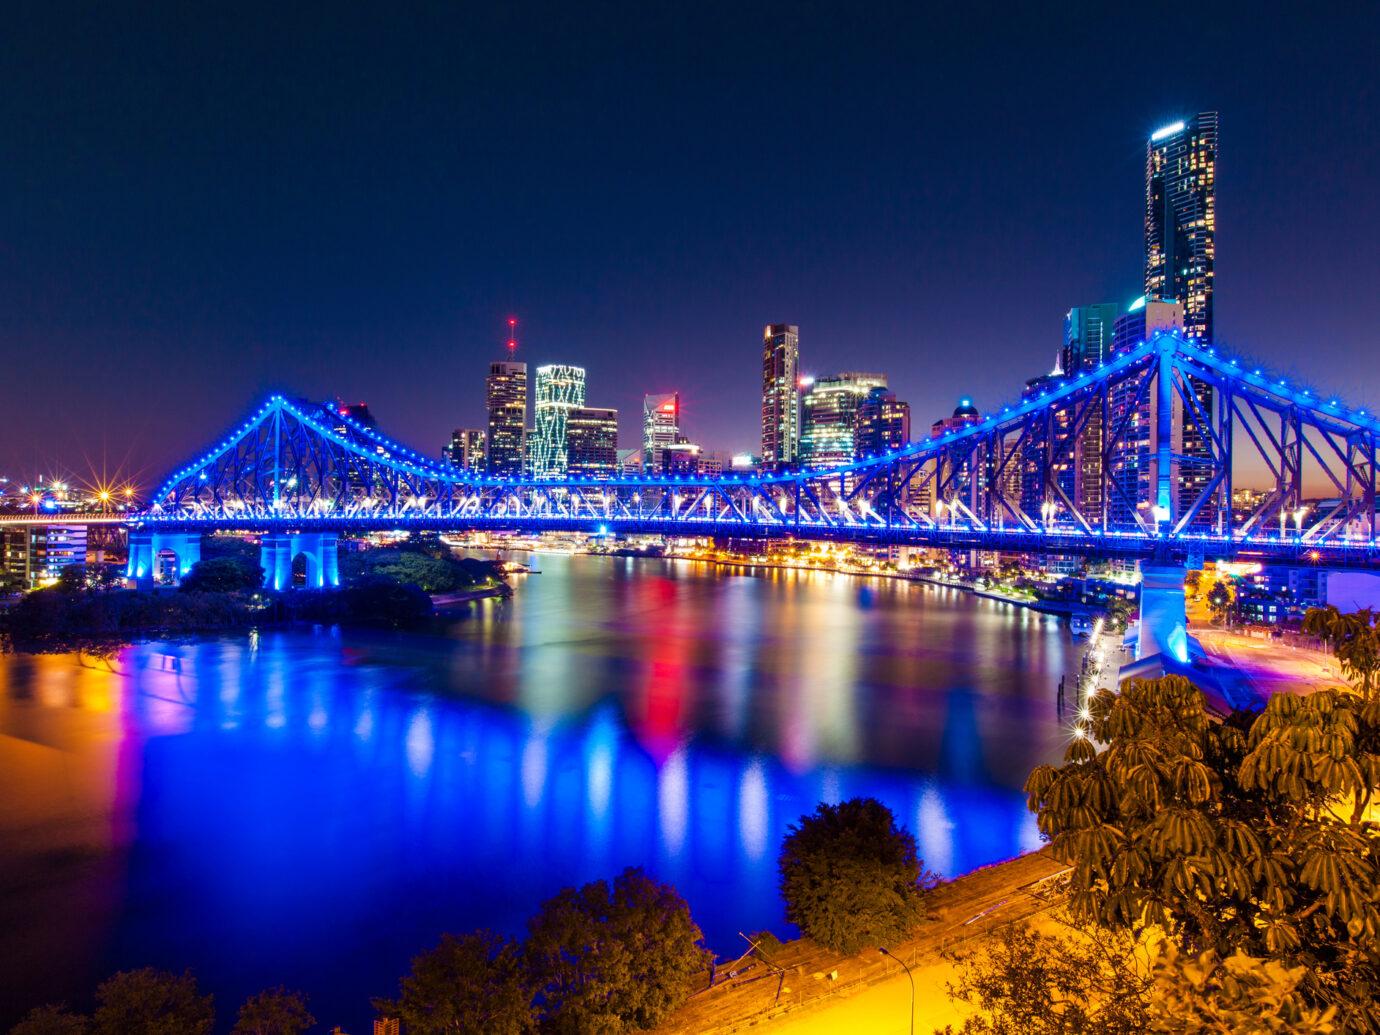 Brisbane's Story Bridge, Australia